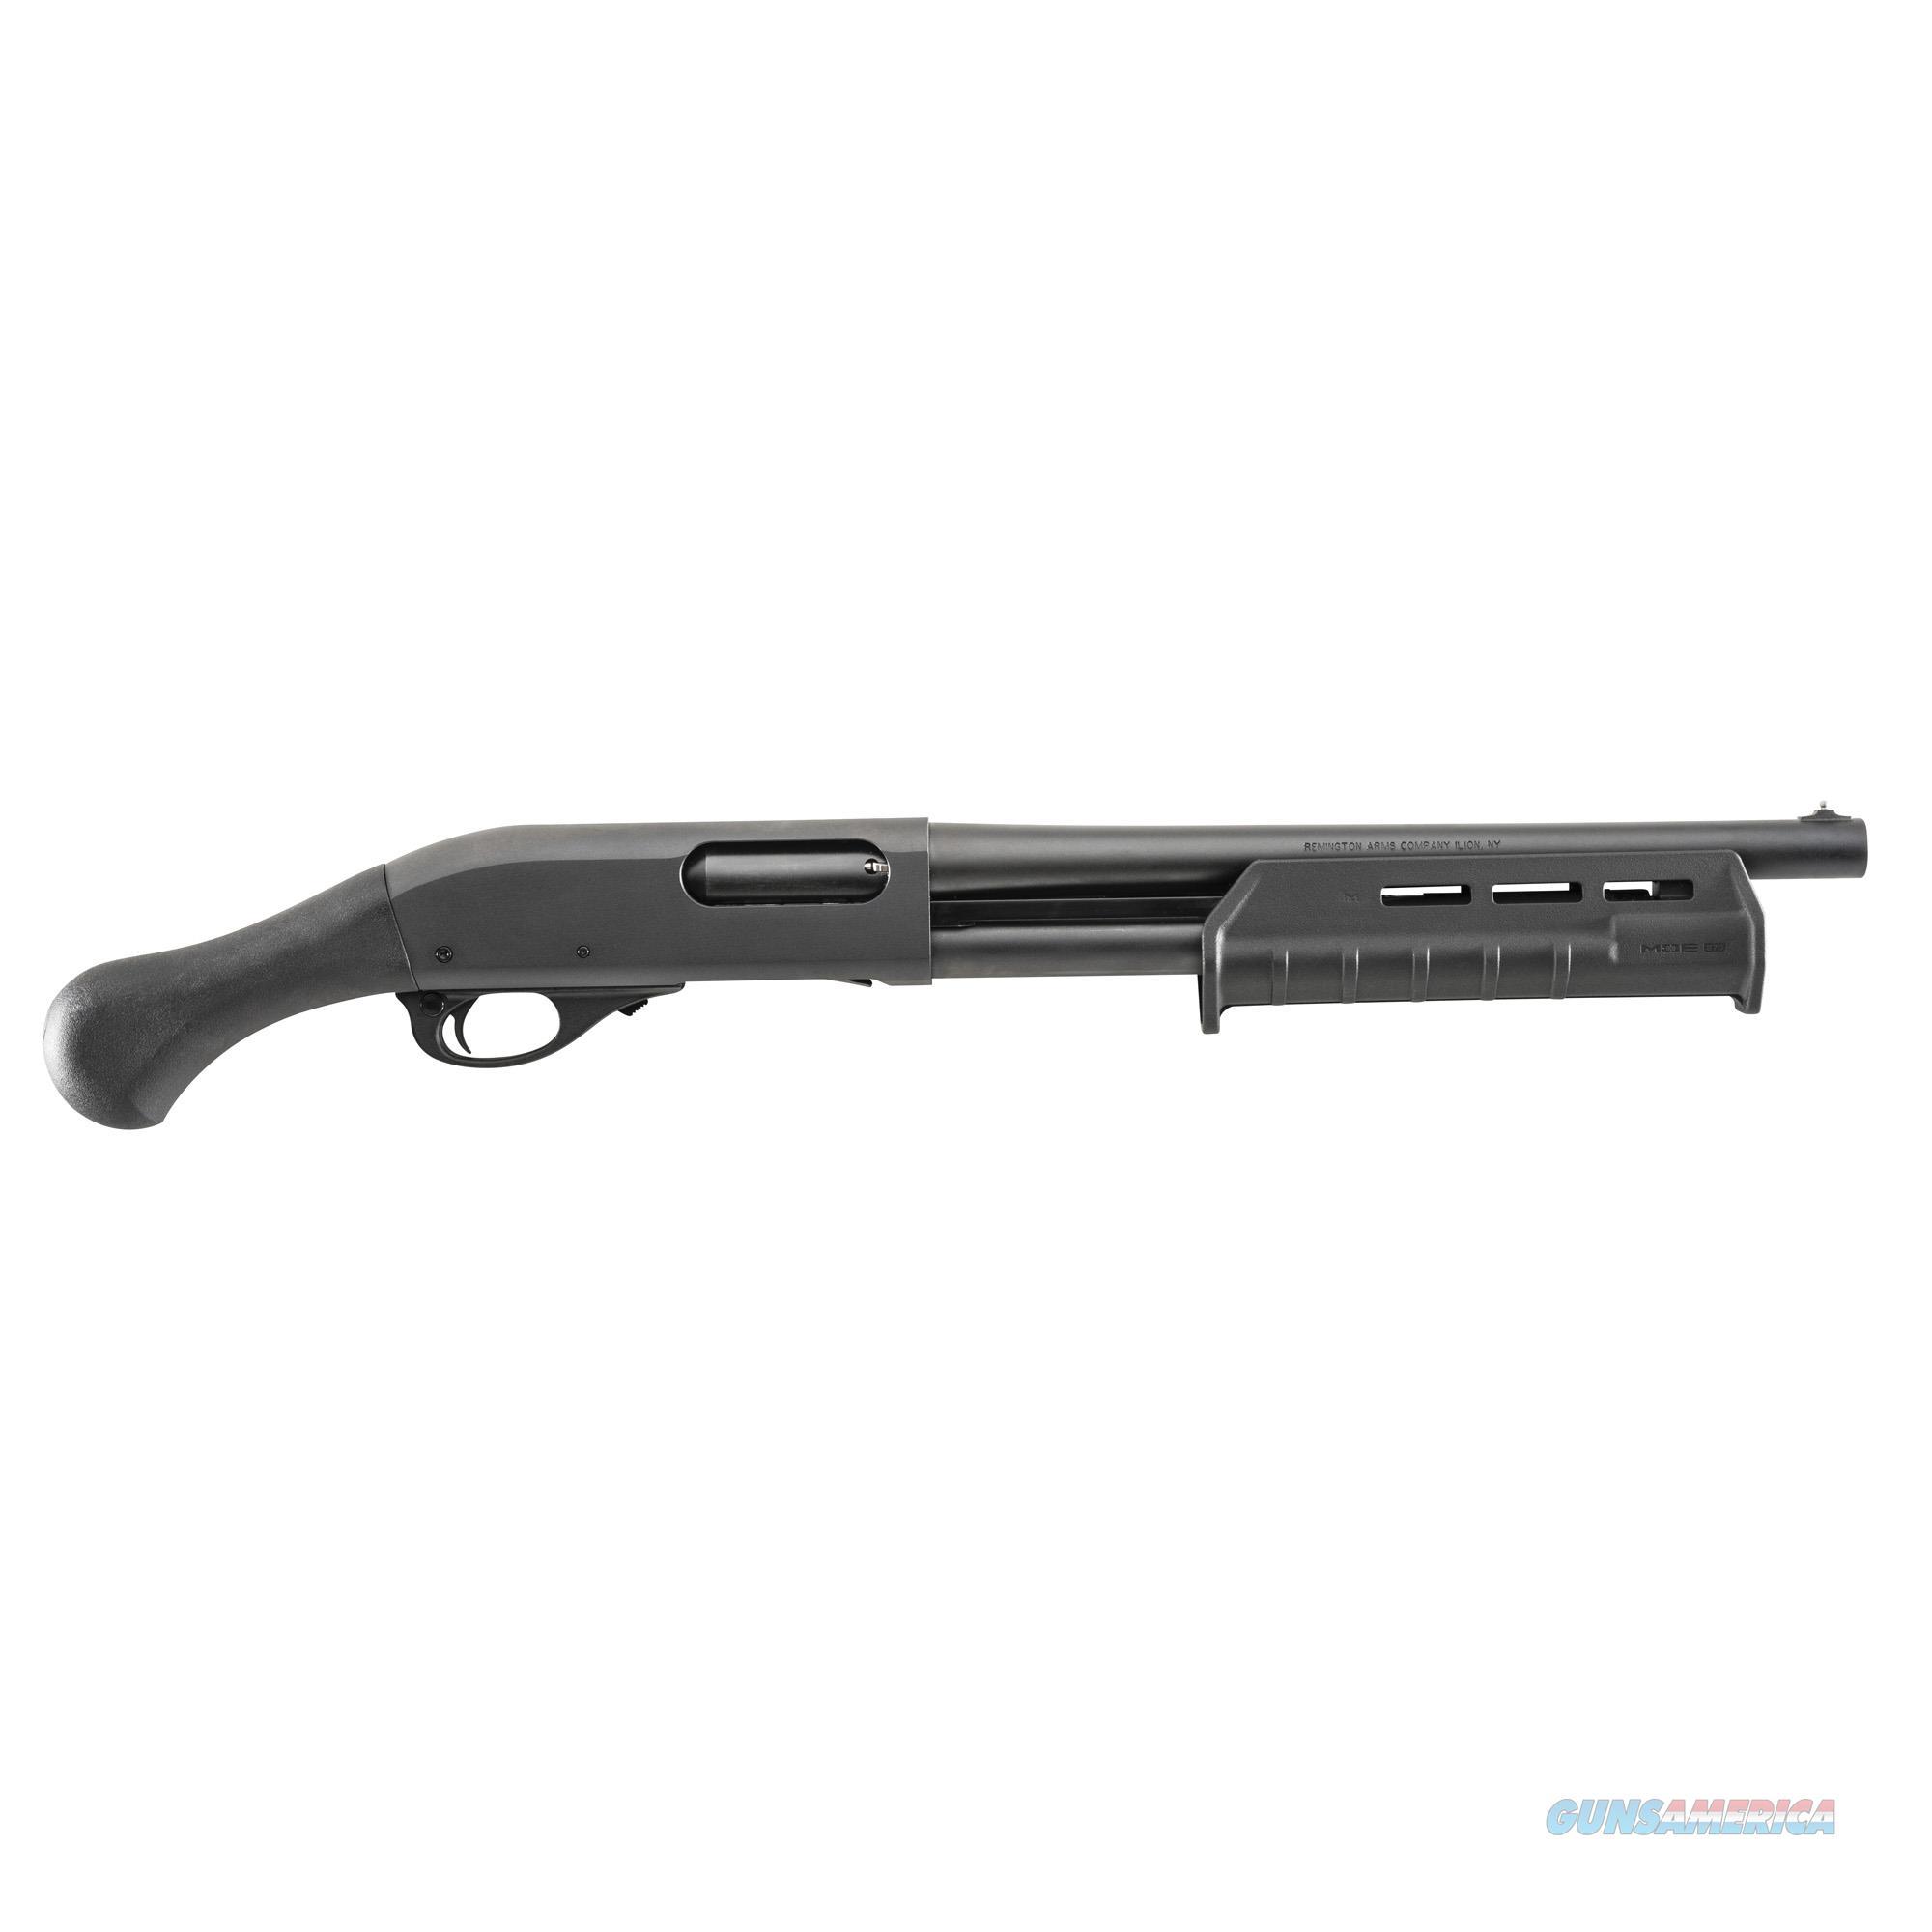 """Remington TAC-14 870 Pump 12ga 81230 14"""" barrel 3"""" chamber $359 NIB  Guns > Shotguns > Remington Shotguns  > Pump > Tactical"""